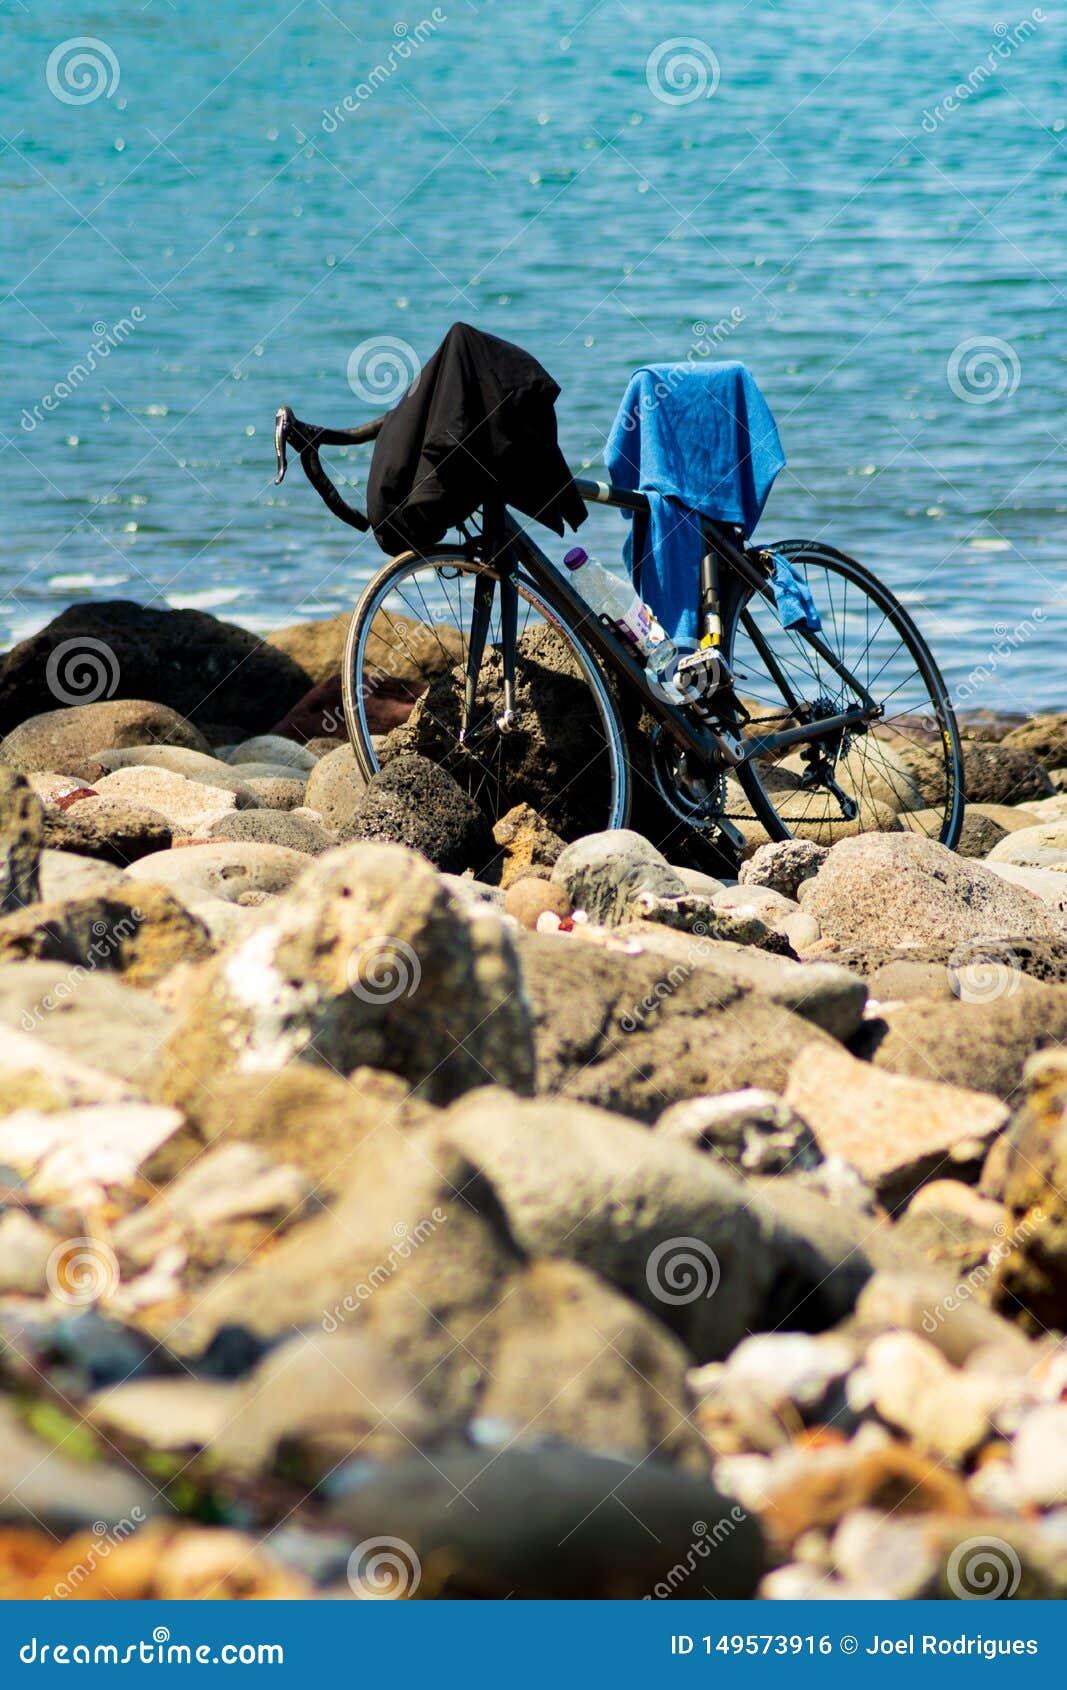 Manapany, Франция - 27-ое сентября 2018: Велосипед припаркованный на каменистом пляже пока владелец принимает заплыв